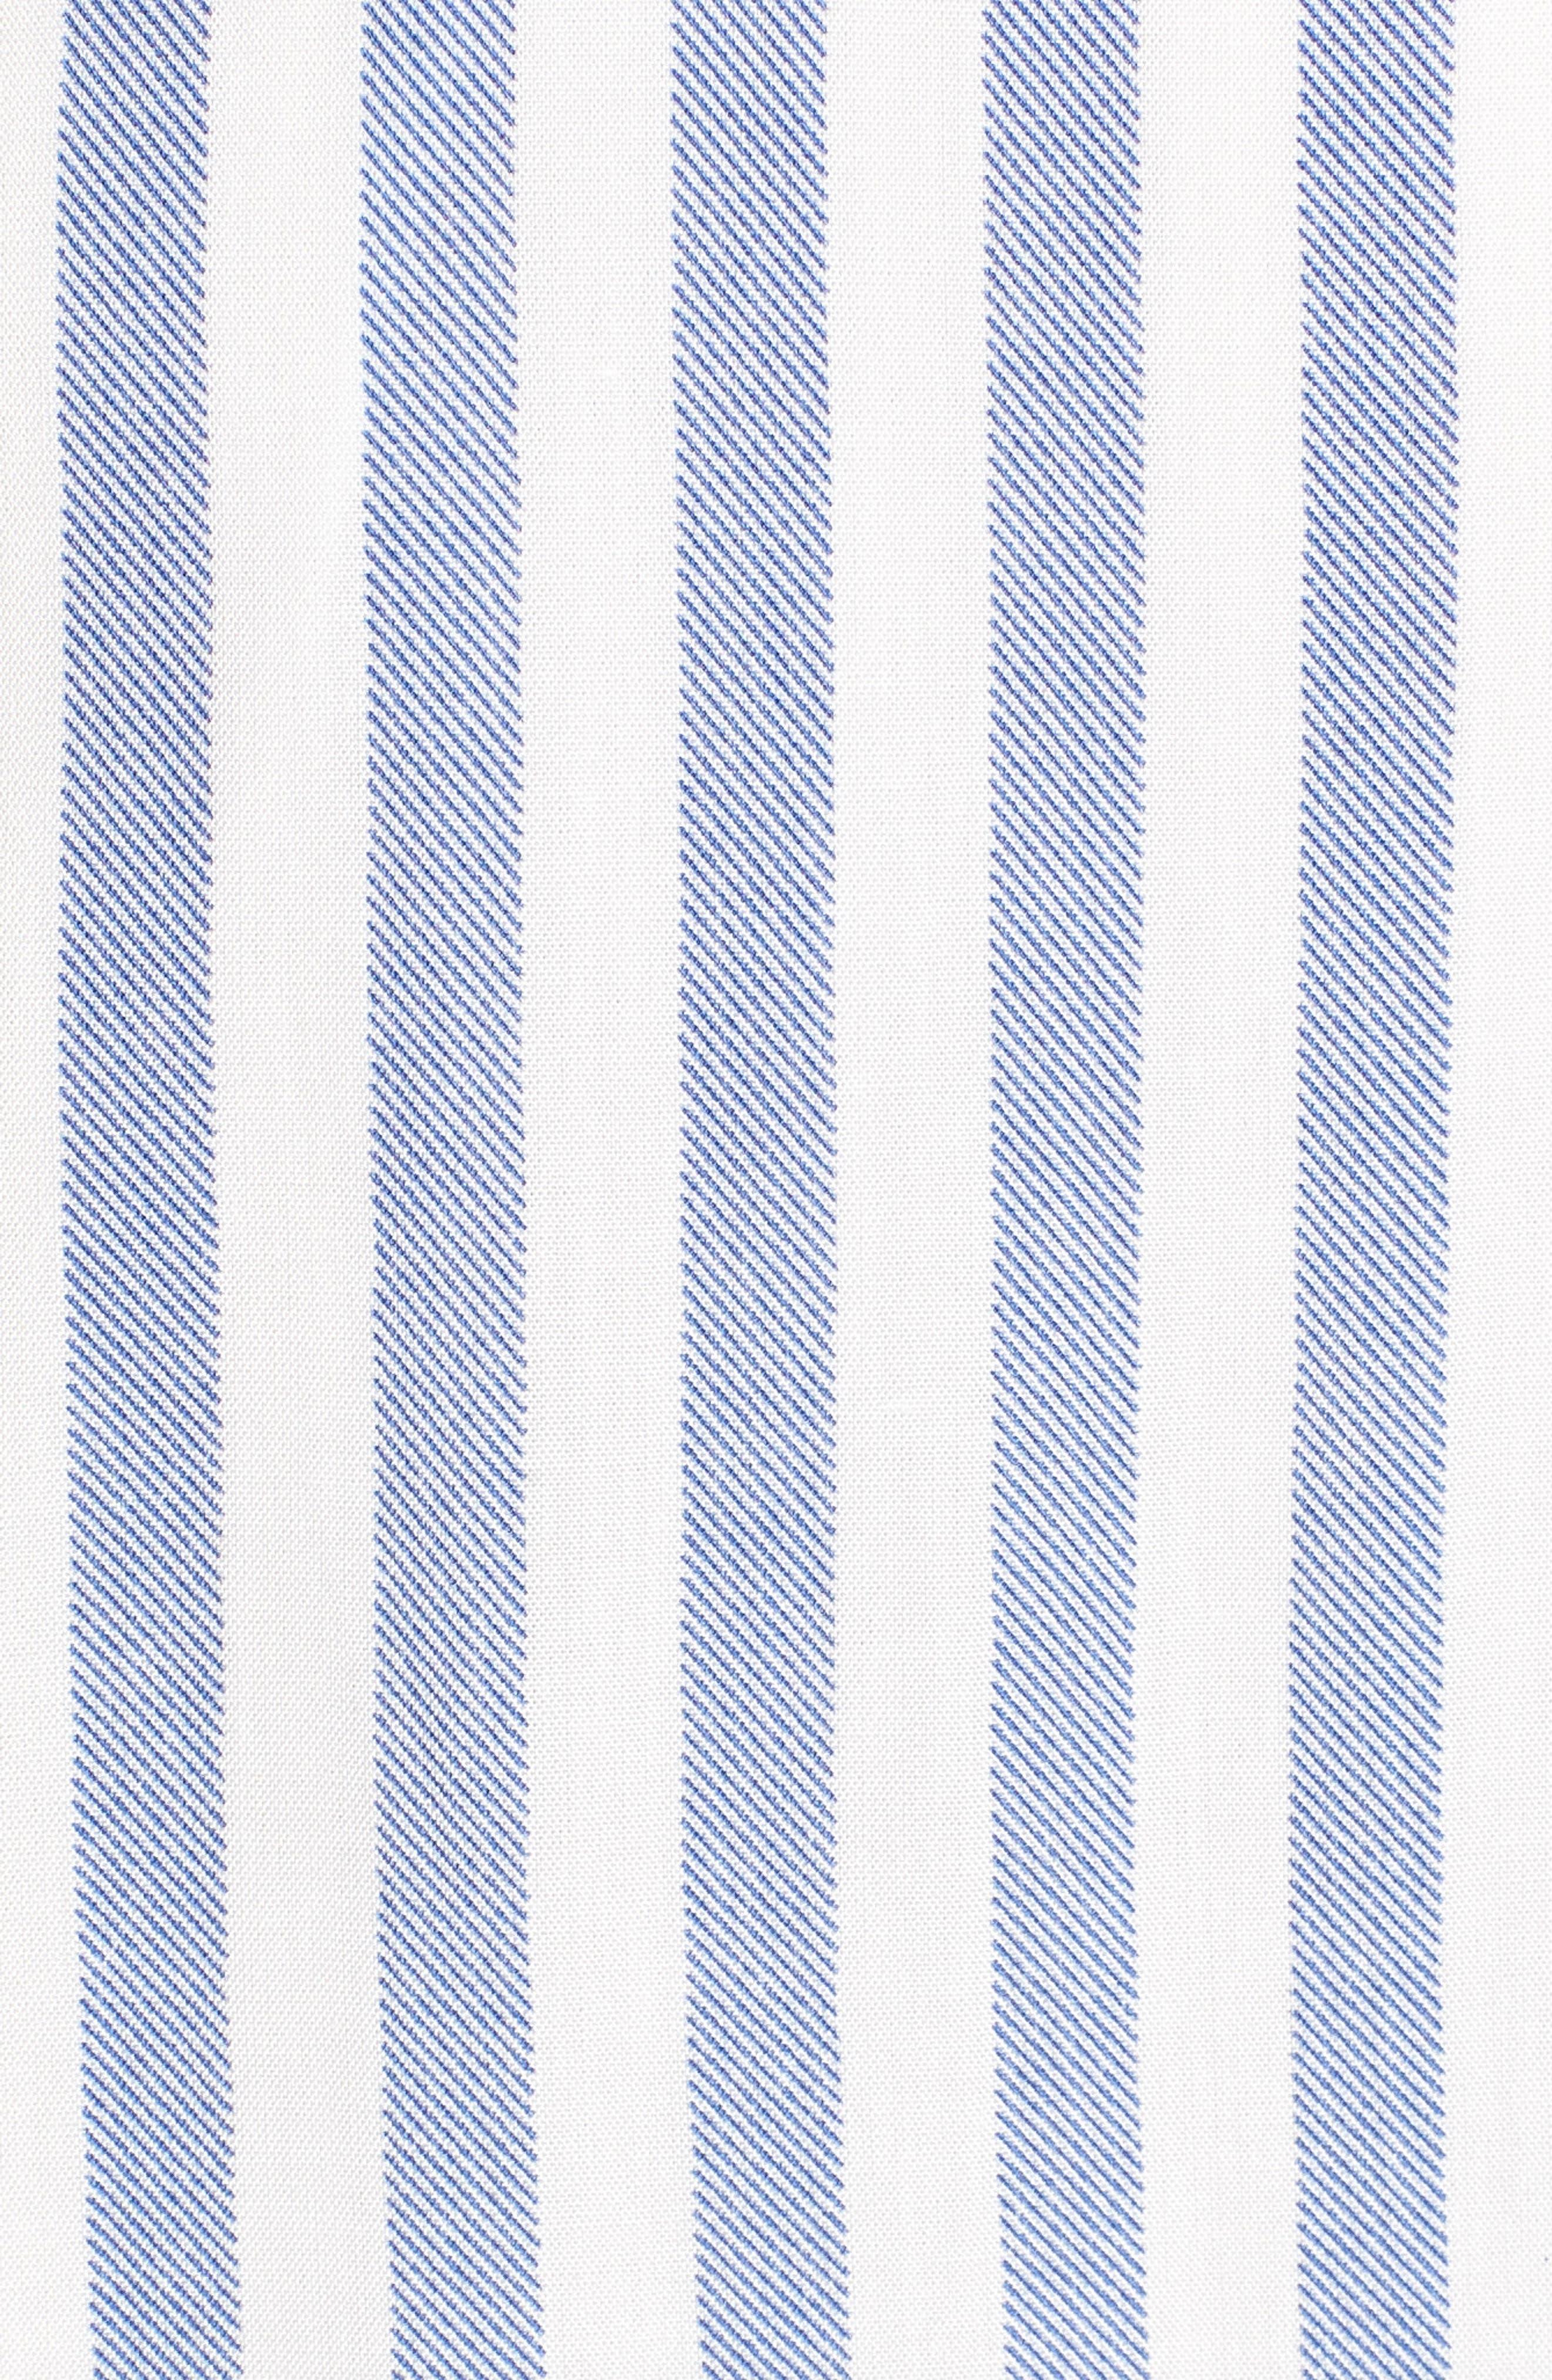 Bishop + Young Ana Stripe Shark Bite Hem Halter Dress,                             Alternate thumbnail 6, color,                             400